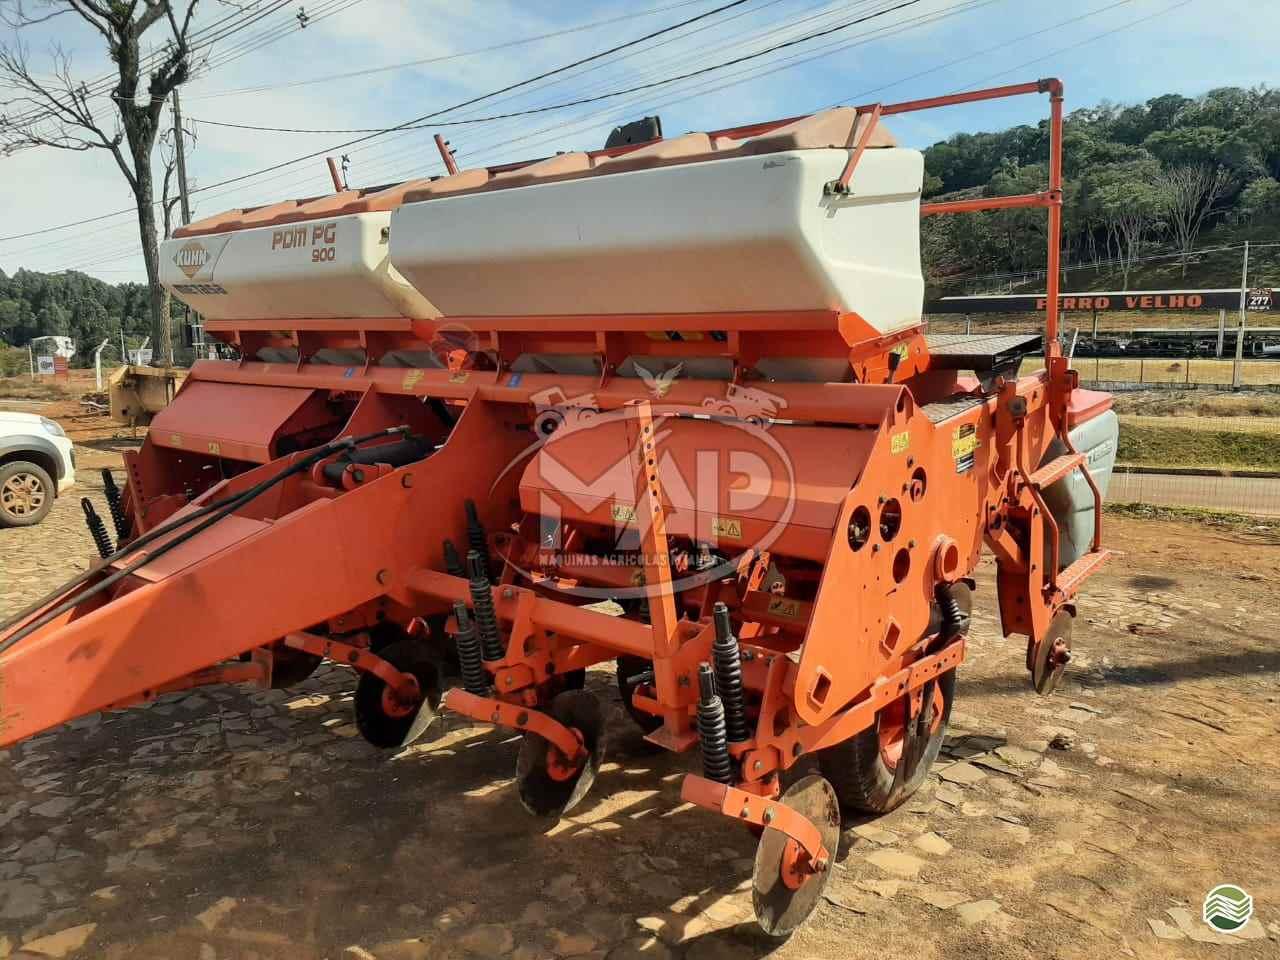 PDM PG 900 de Máquinas Agrícolas Pitanga - PITANGA/PR